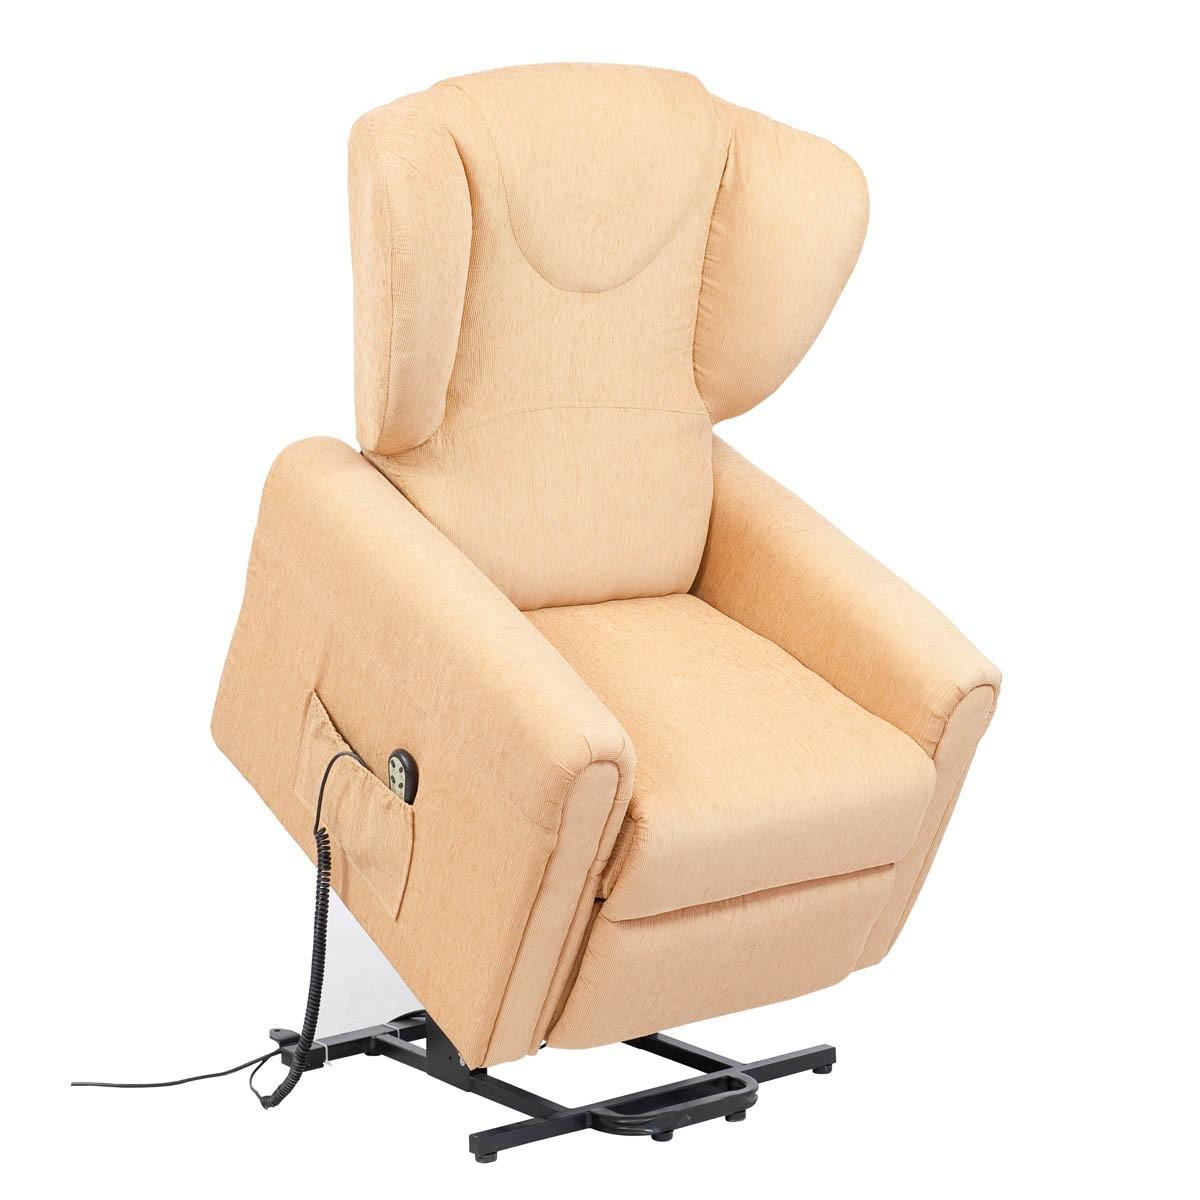 divani pelle usati rimini ~ divani letto mondo convenienza - Divani In Pelle Usati